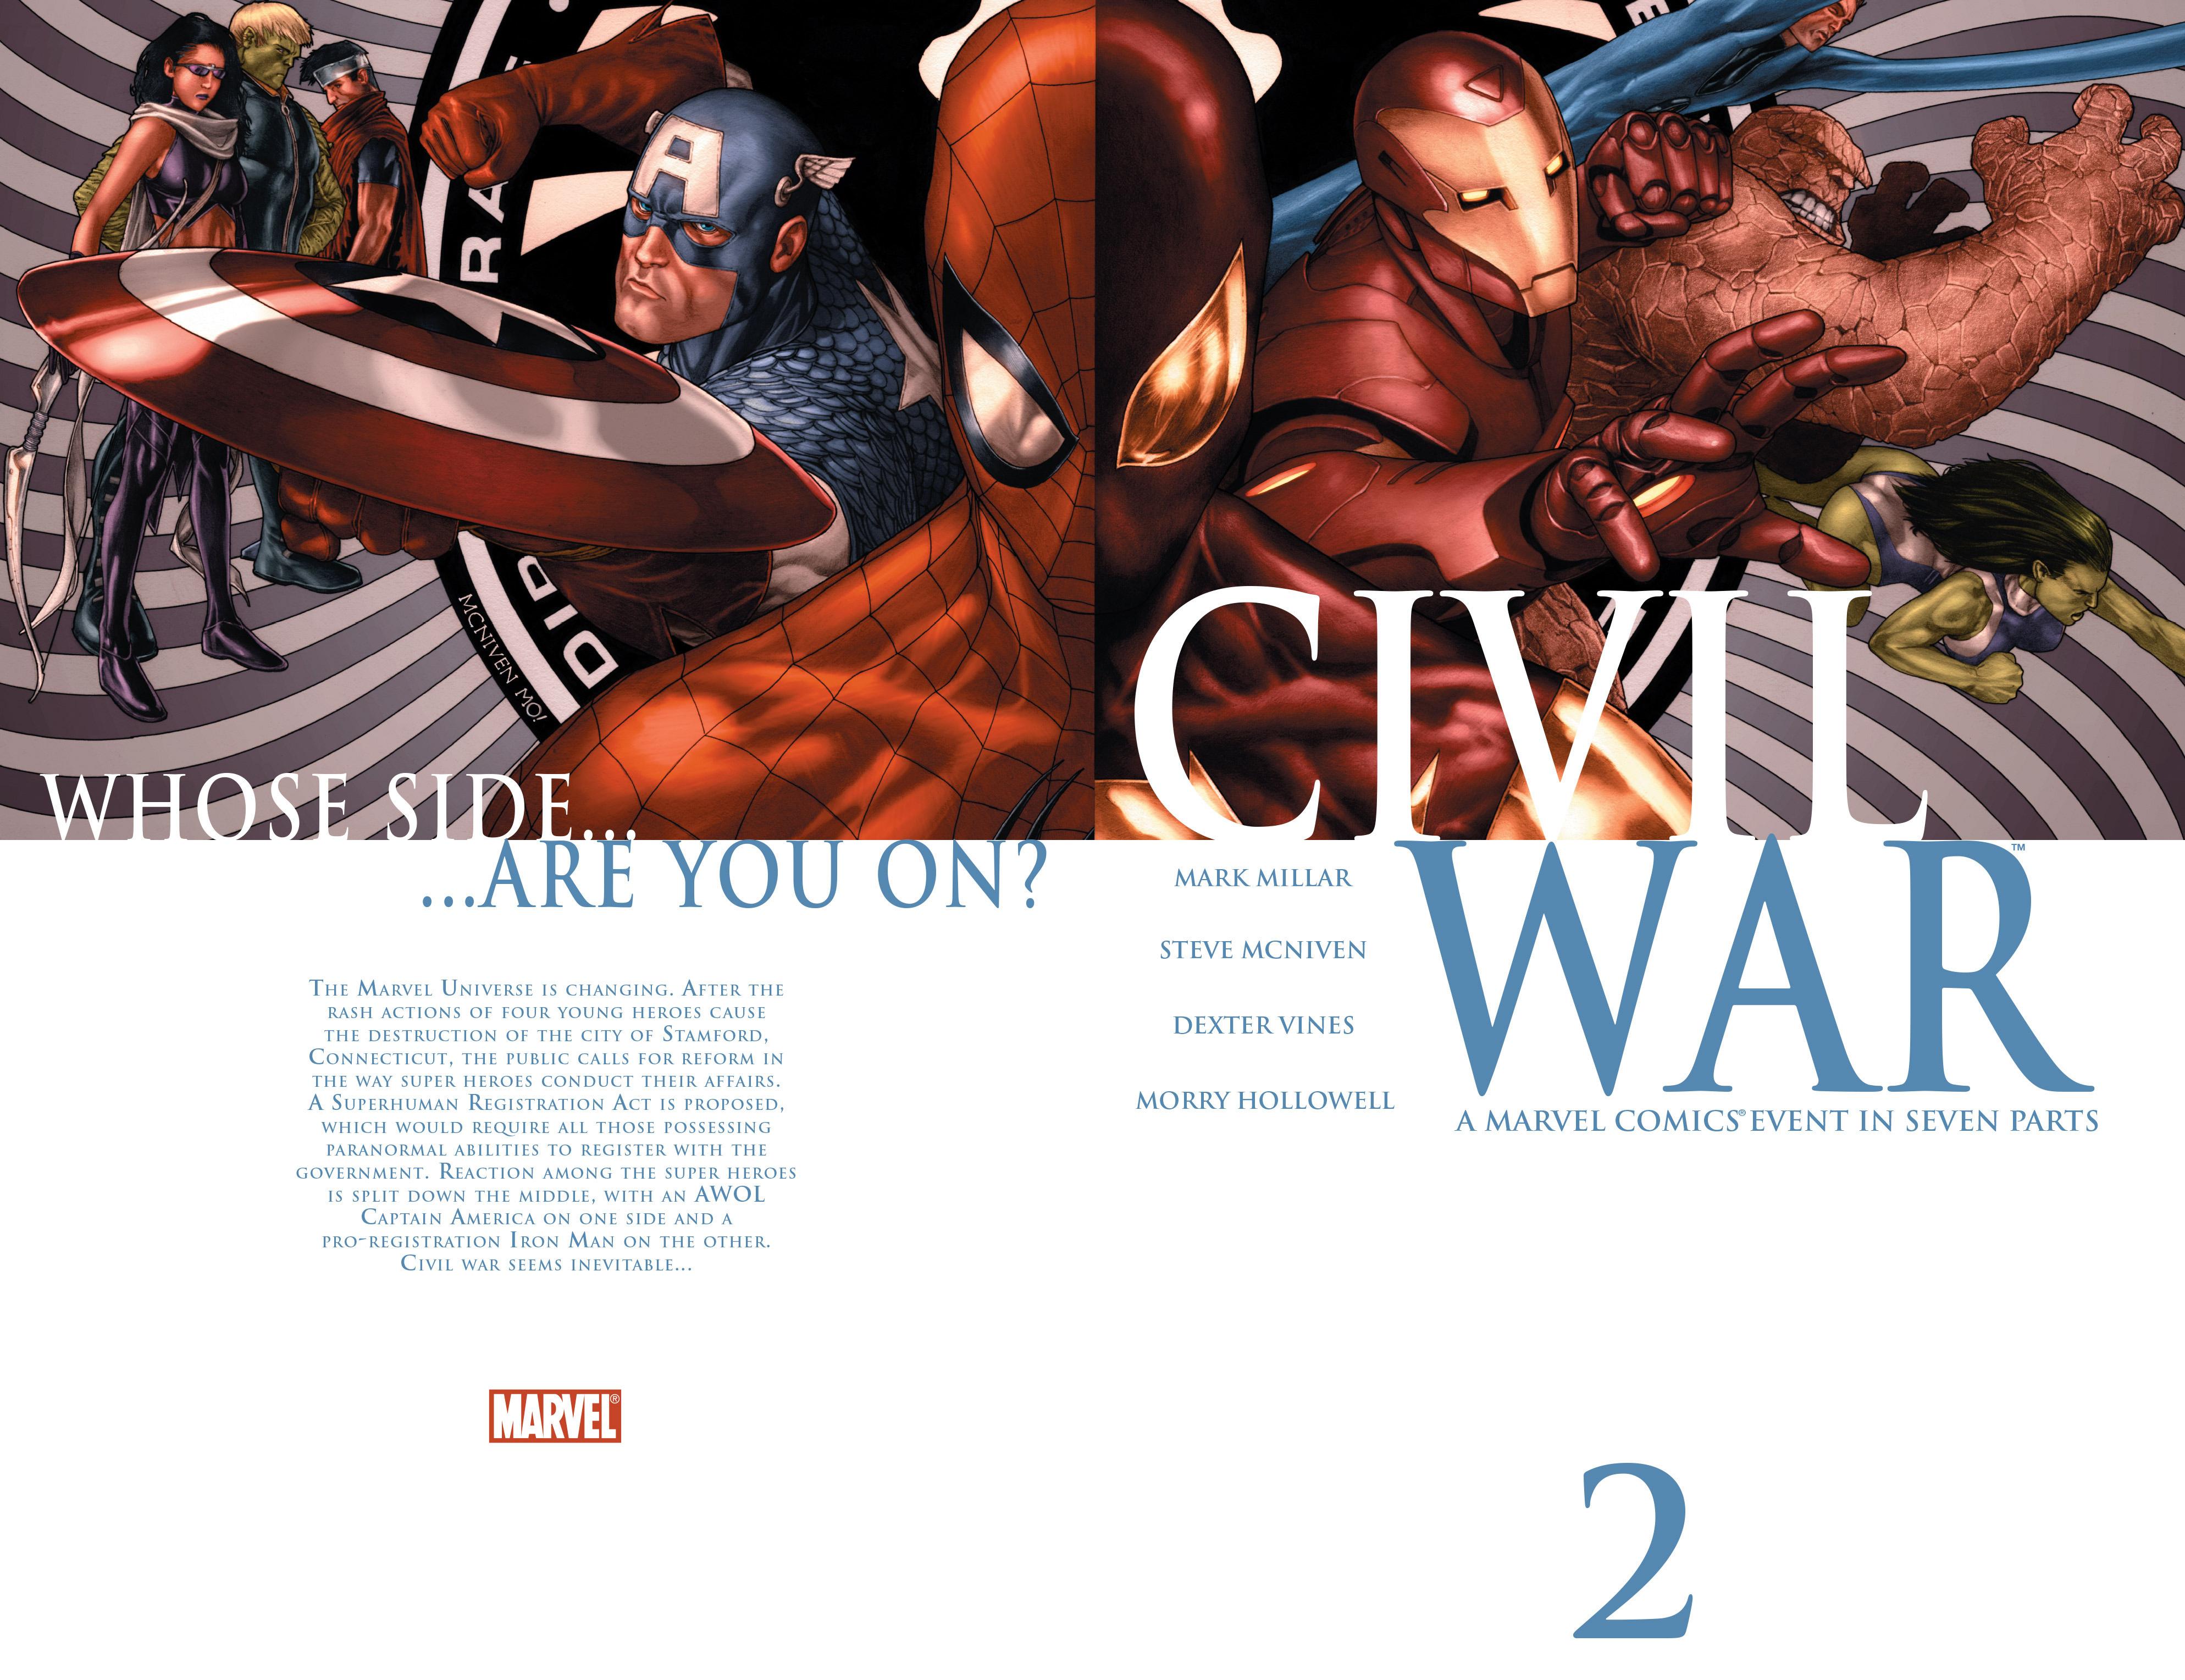 Civil war vol 1 2 wraparound